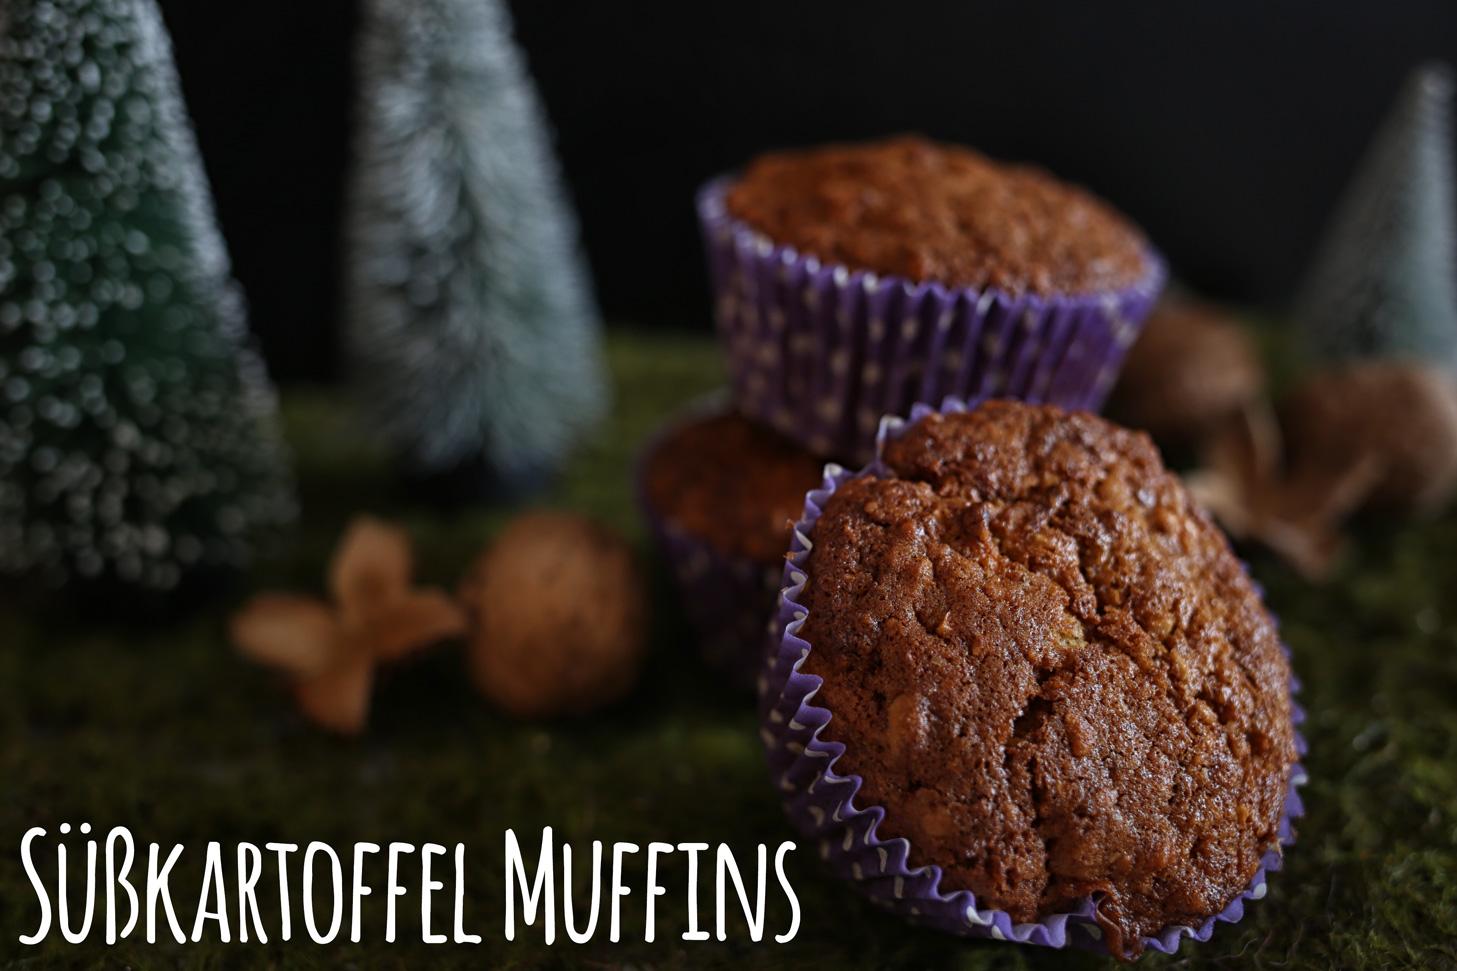 Suesskartoffel-Muffins-Header